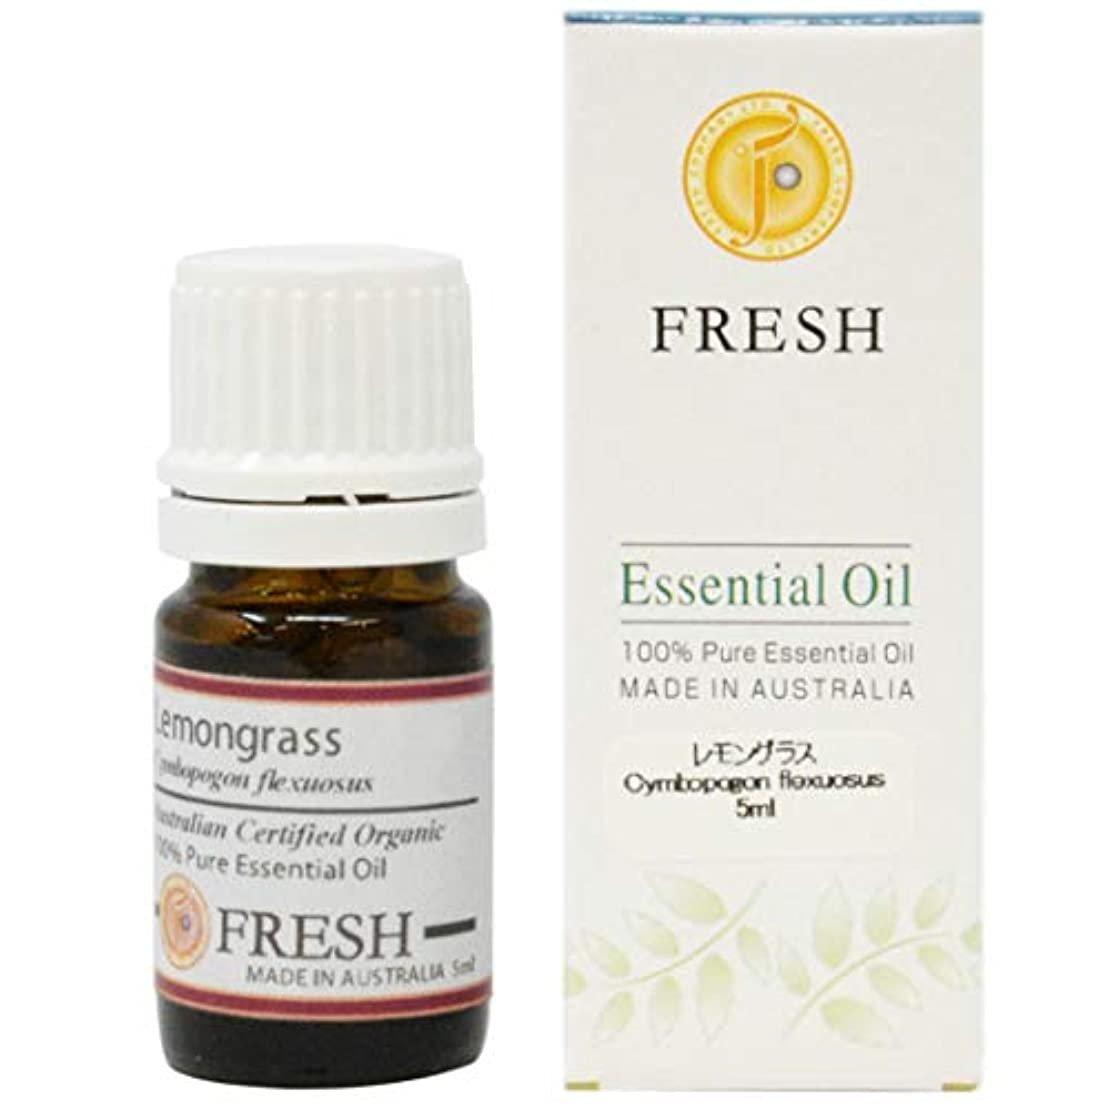 飽和する土地自分のFRESH オーガニック エッセンシャルオイル レモングラス 5ml (FRESH 精油)